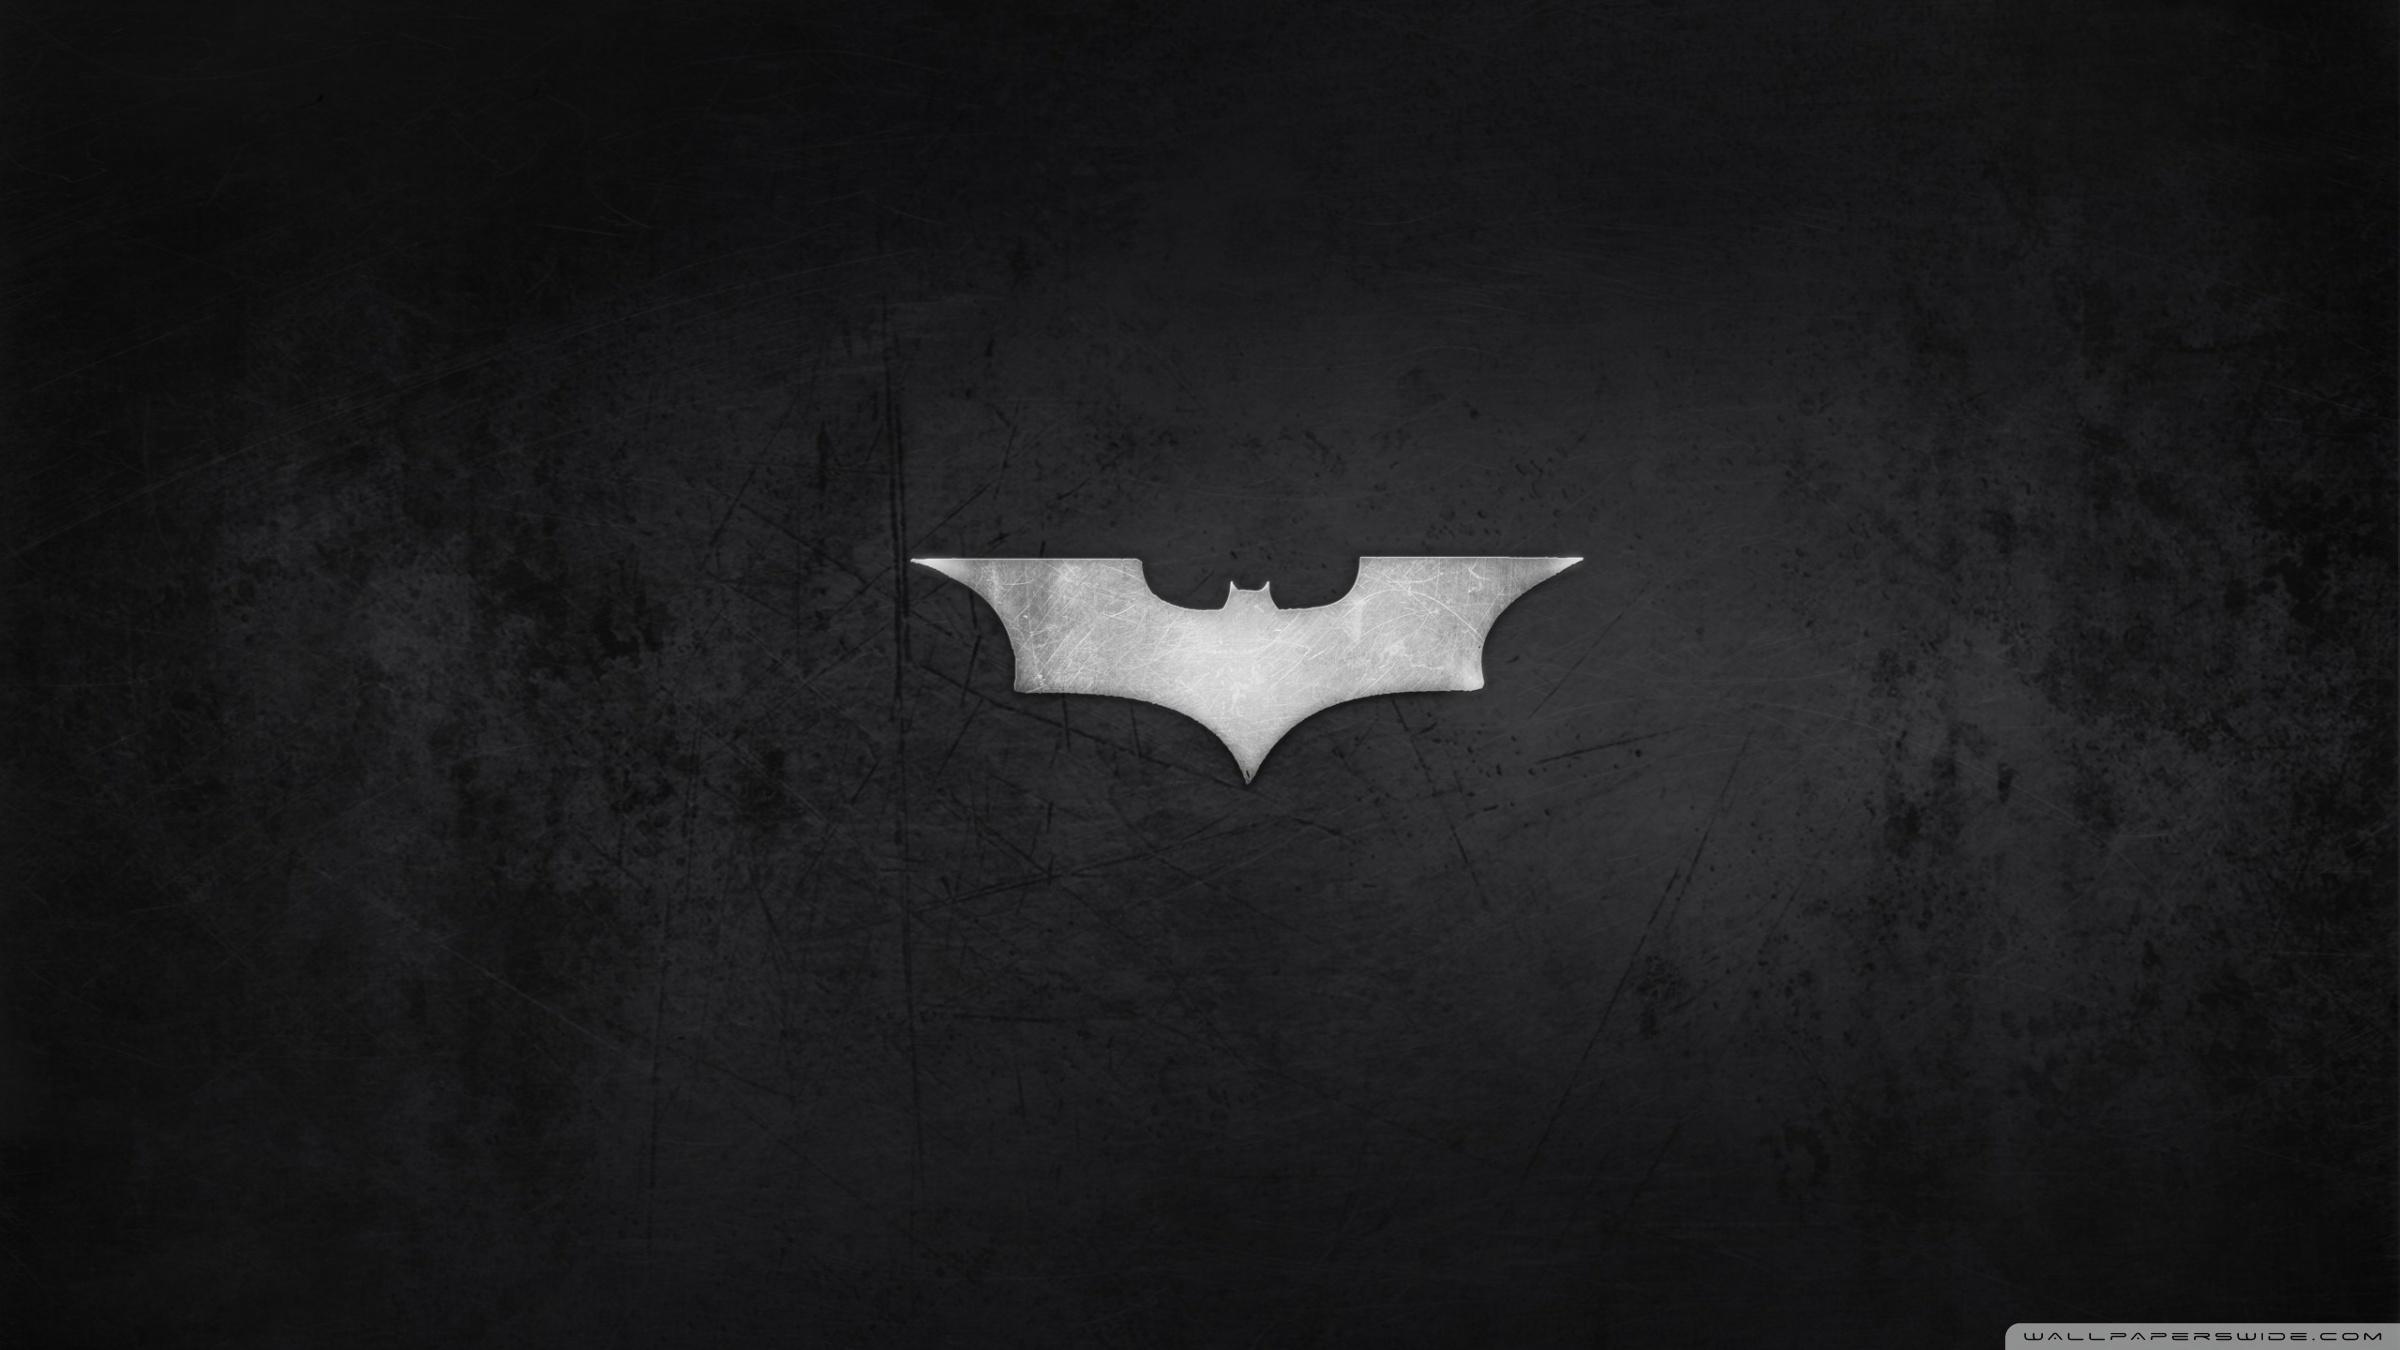 Batman Logo 4k Hd Desktop Wallpaper For 4k Ultra Hd Tv